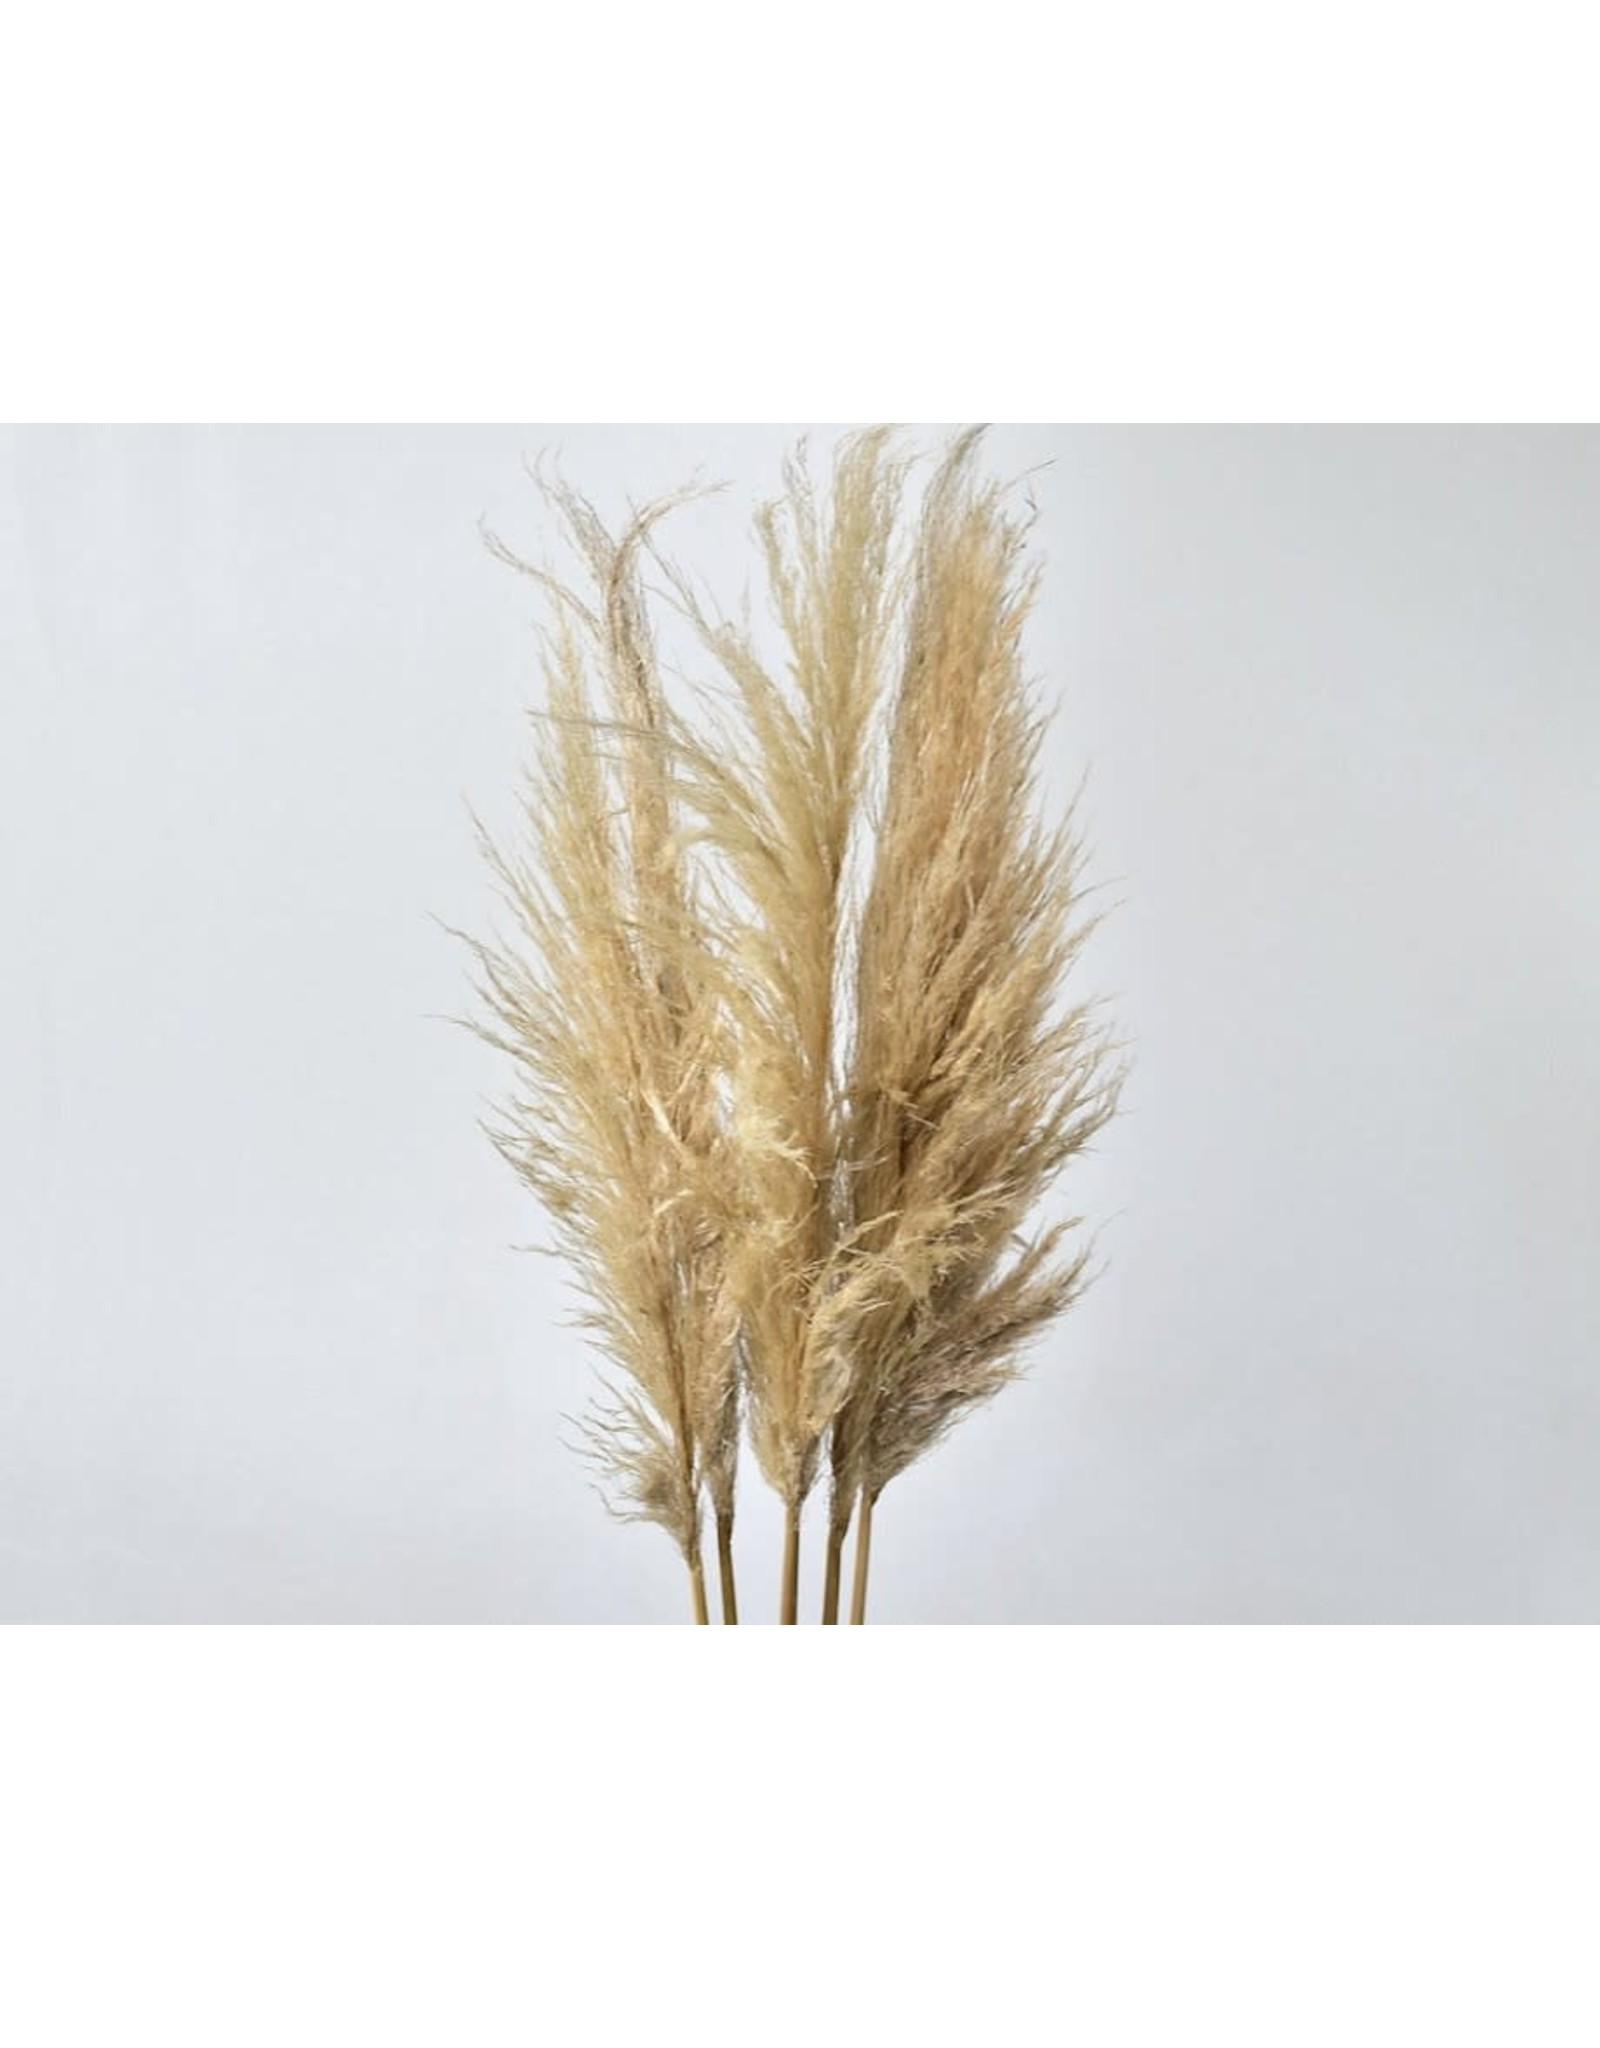 PAMPAS GRASS 90-110 CM